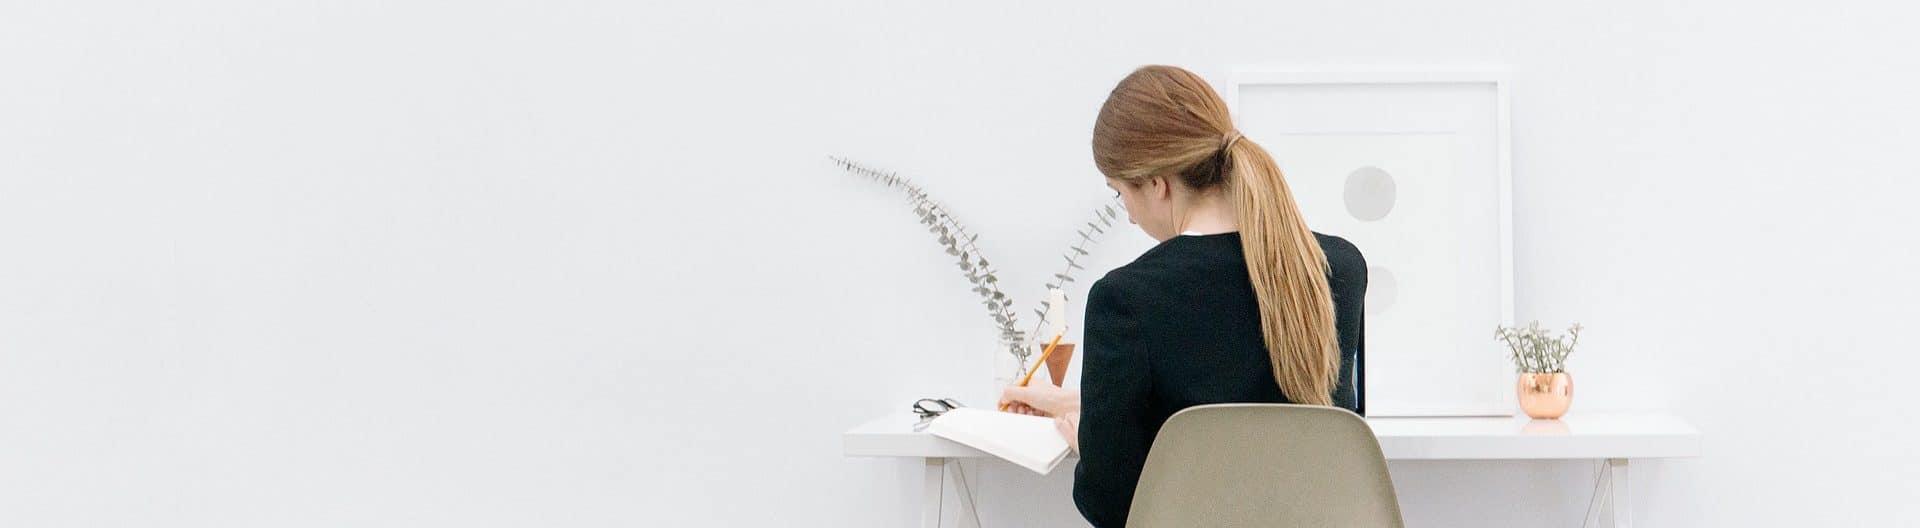 Freelancer aan het werk achter bureau